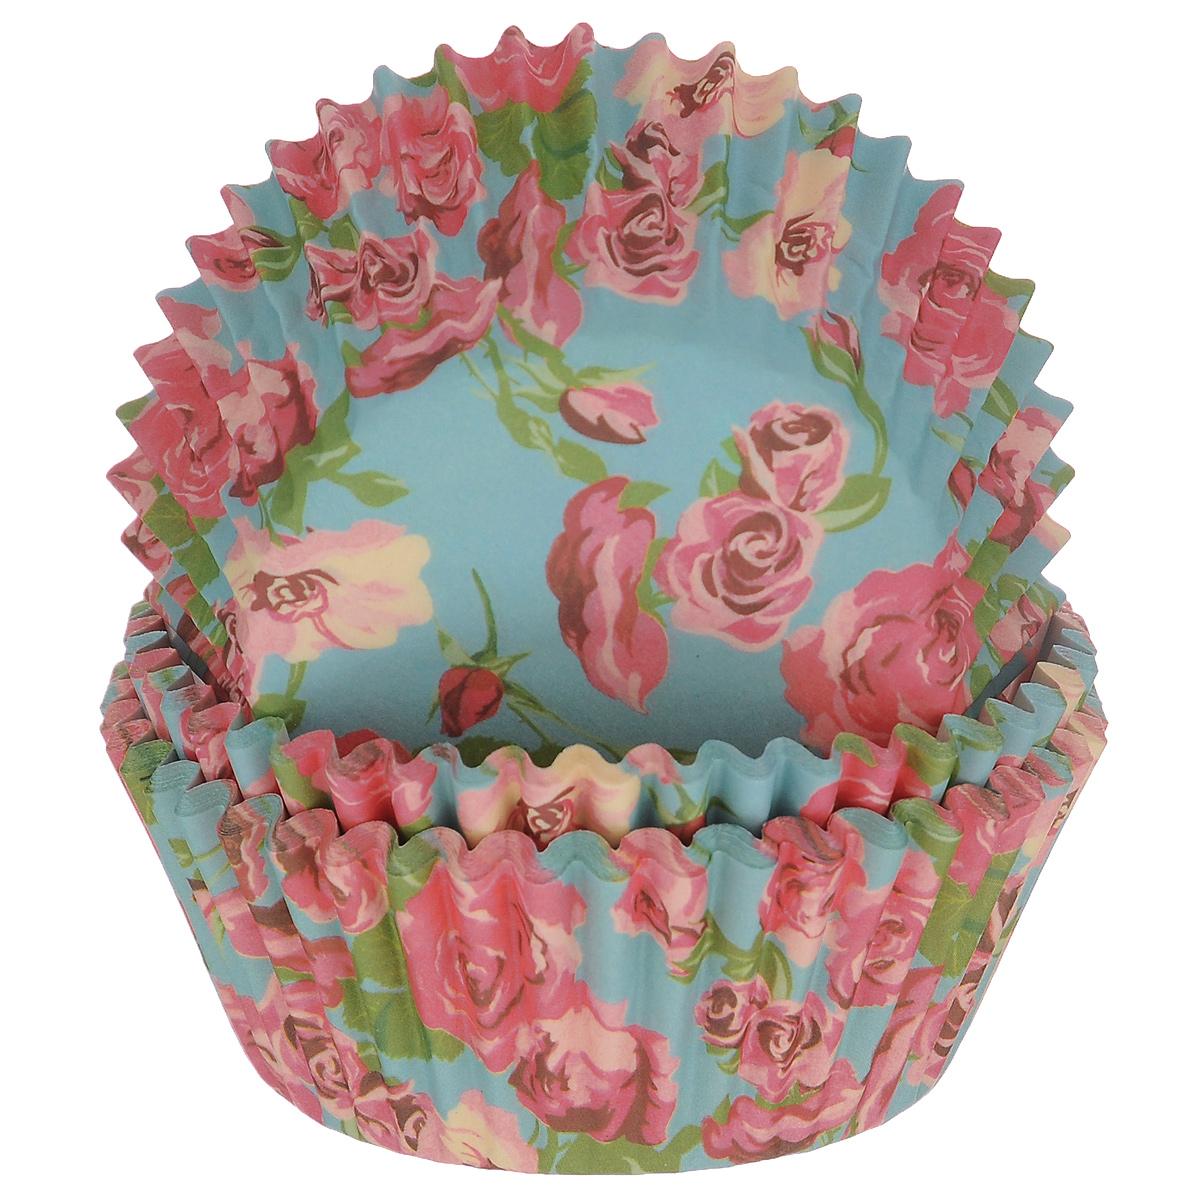 Набор бумажных форм для кексов Dolce Arti Розы, цвет: голубой, розовый, диаметр 5 см, 50 шт391602Набор Dolce Arti Розы состоит из 50 бумажных форм для кексов, оформленных красочным изображением роз. Они предназначены для выпечки и упаковки кондитерских изделий, также могут использоваться для сервировки орешков, конфет и много другого. Для одноразового применения. Гофрированные бумажные формы идеальны для выпечки кексов, булочек и пирожных.Высота стенки: 3 см. Диаметр (по верхнему краю): 7 см.Диаметр дна: 5 см.